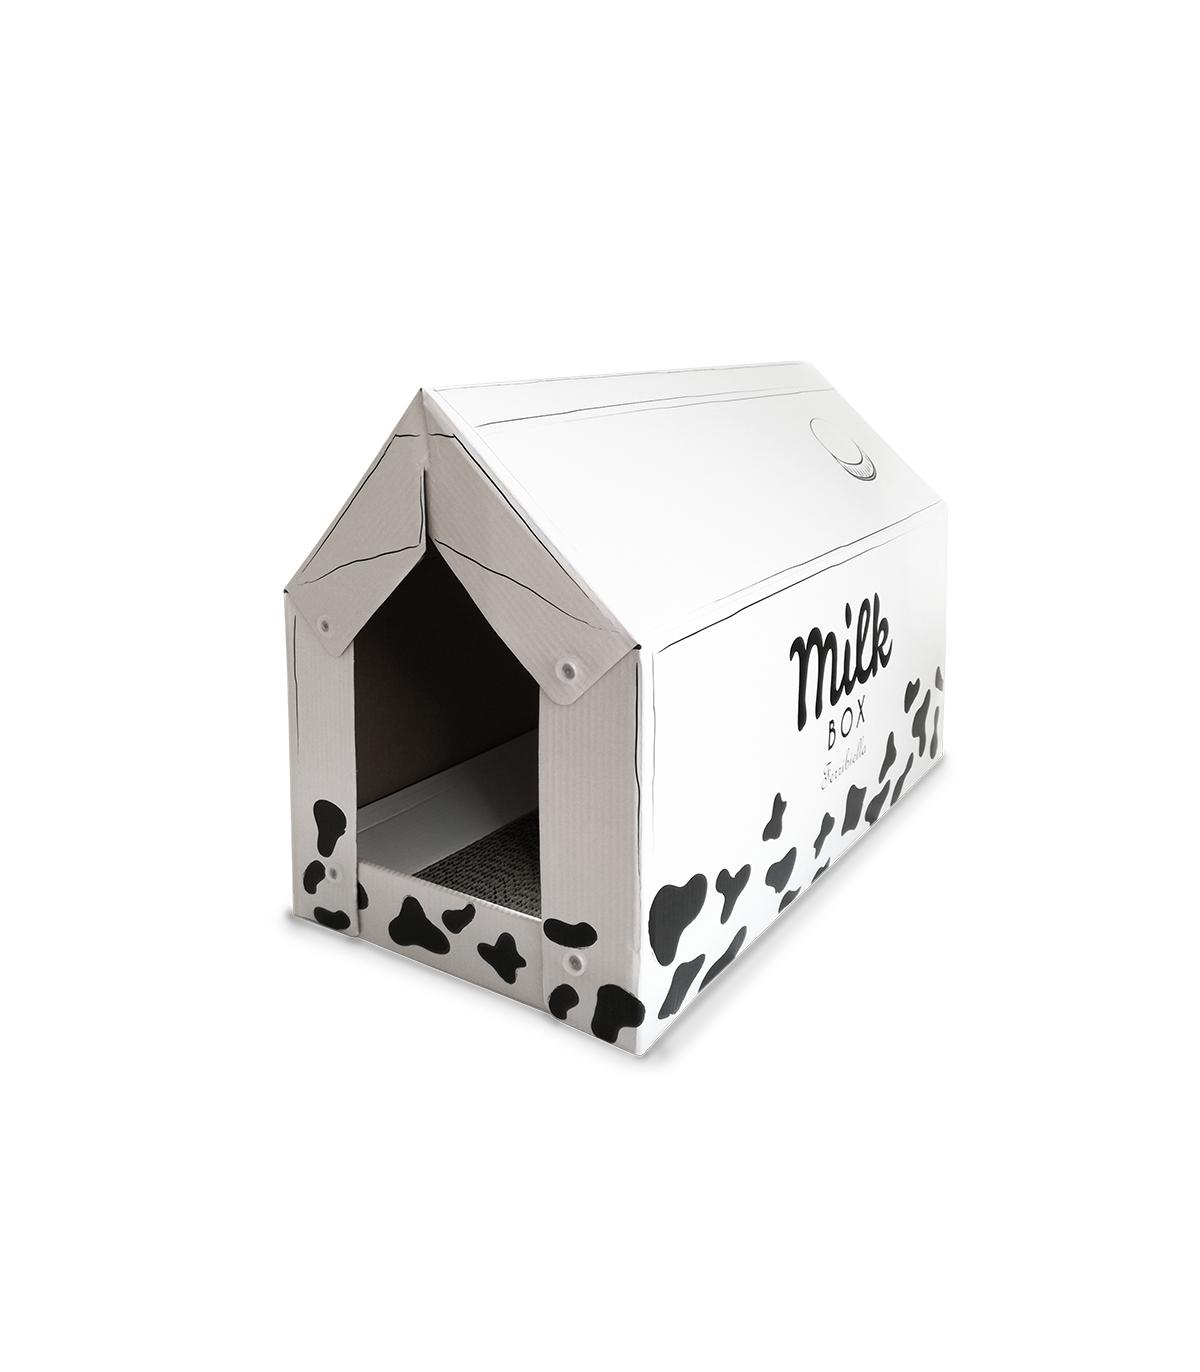 Griffoir Chat Carton Design gtt668 maison griffoir en carton pour chat ferribiella - un